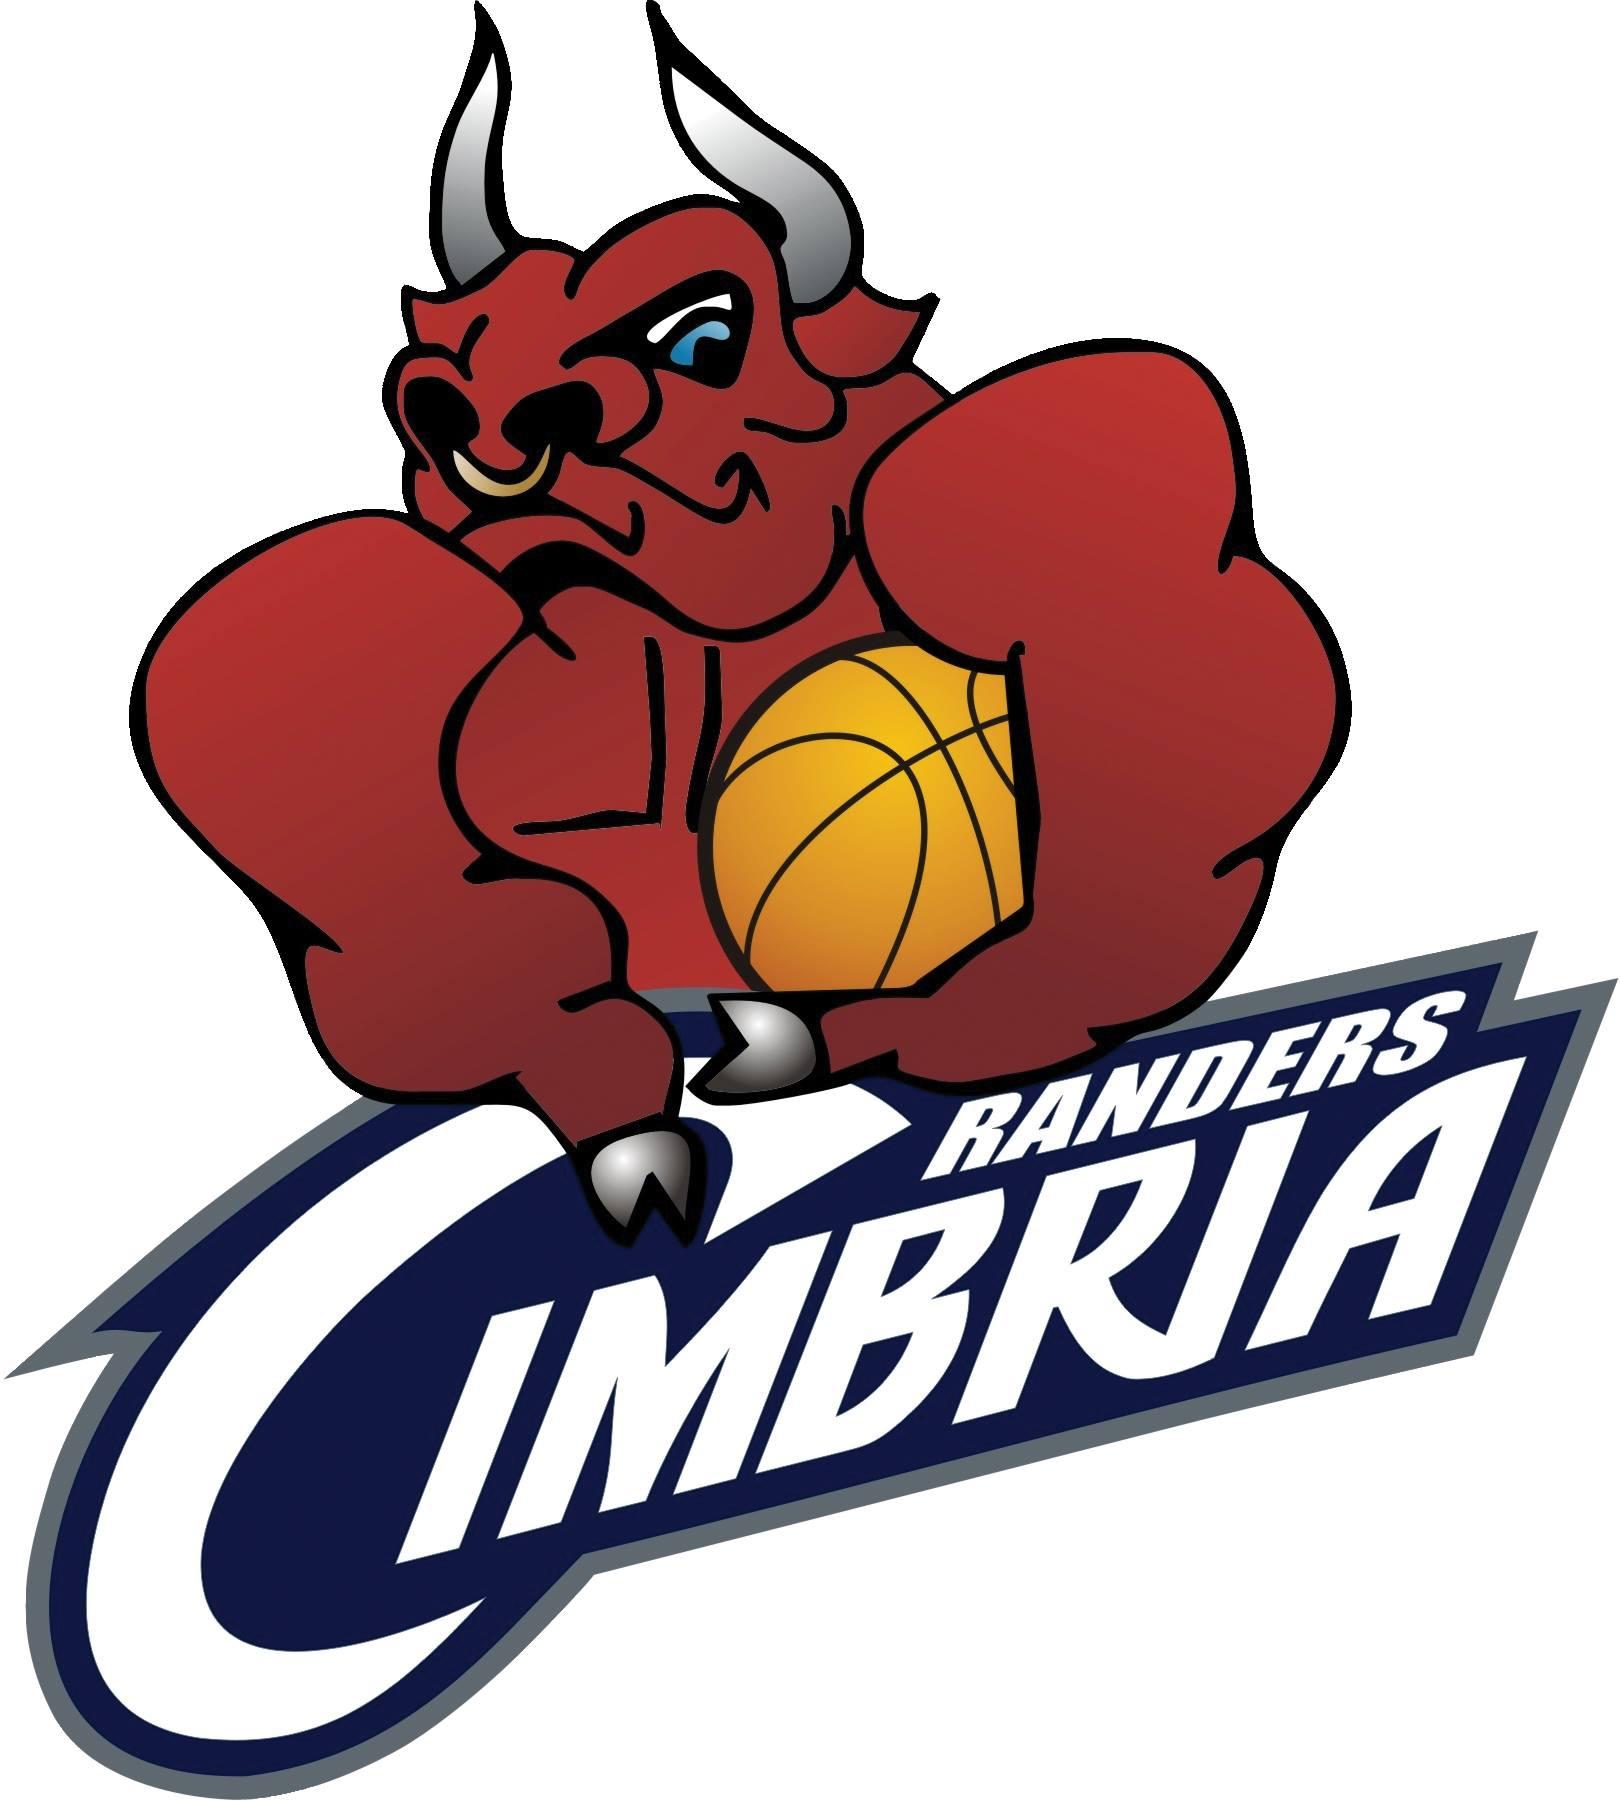 Randers logo 15/16